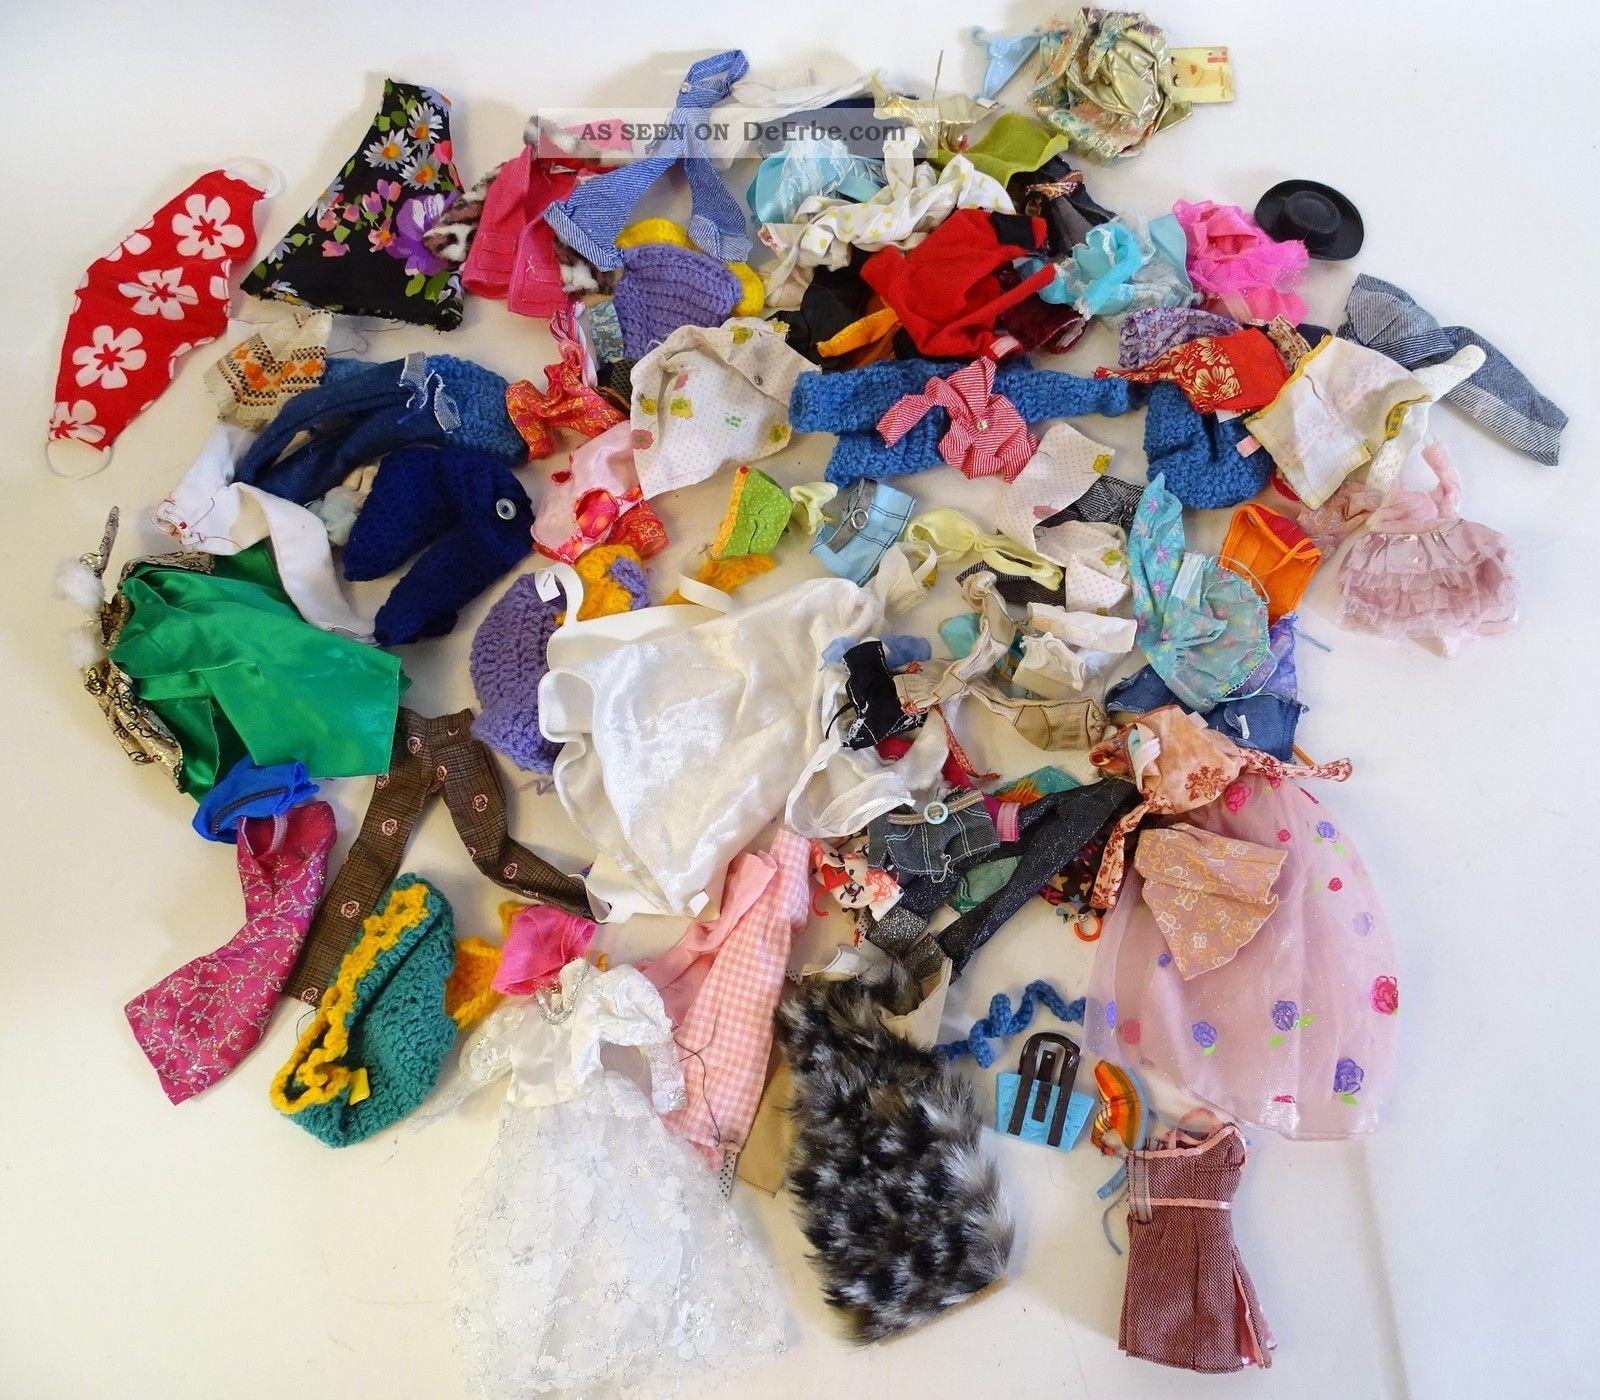 Tolles Konvolut Alter Puppen - Und Barbiekleidung Und Accesories Hose Tasche Usw. Original, gefertigt vor 1970 Bild